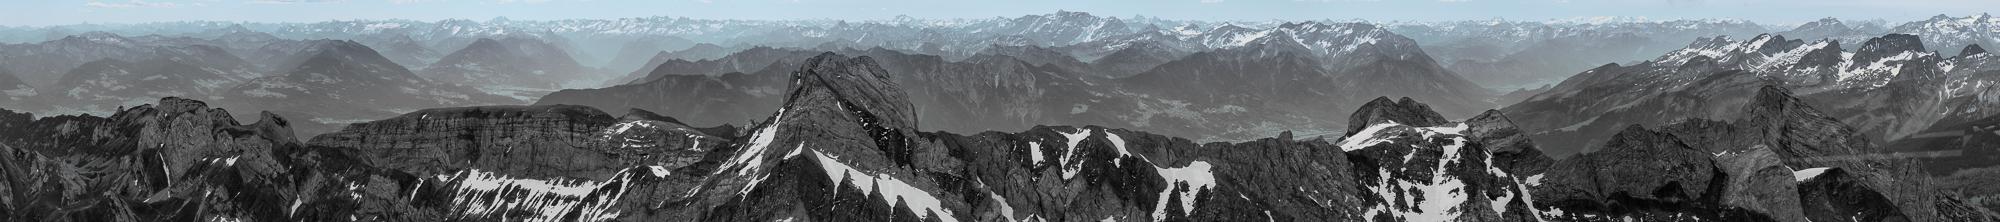 Schweiz-Appenzellerland-35